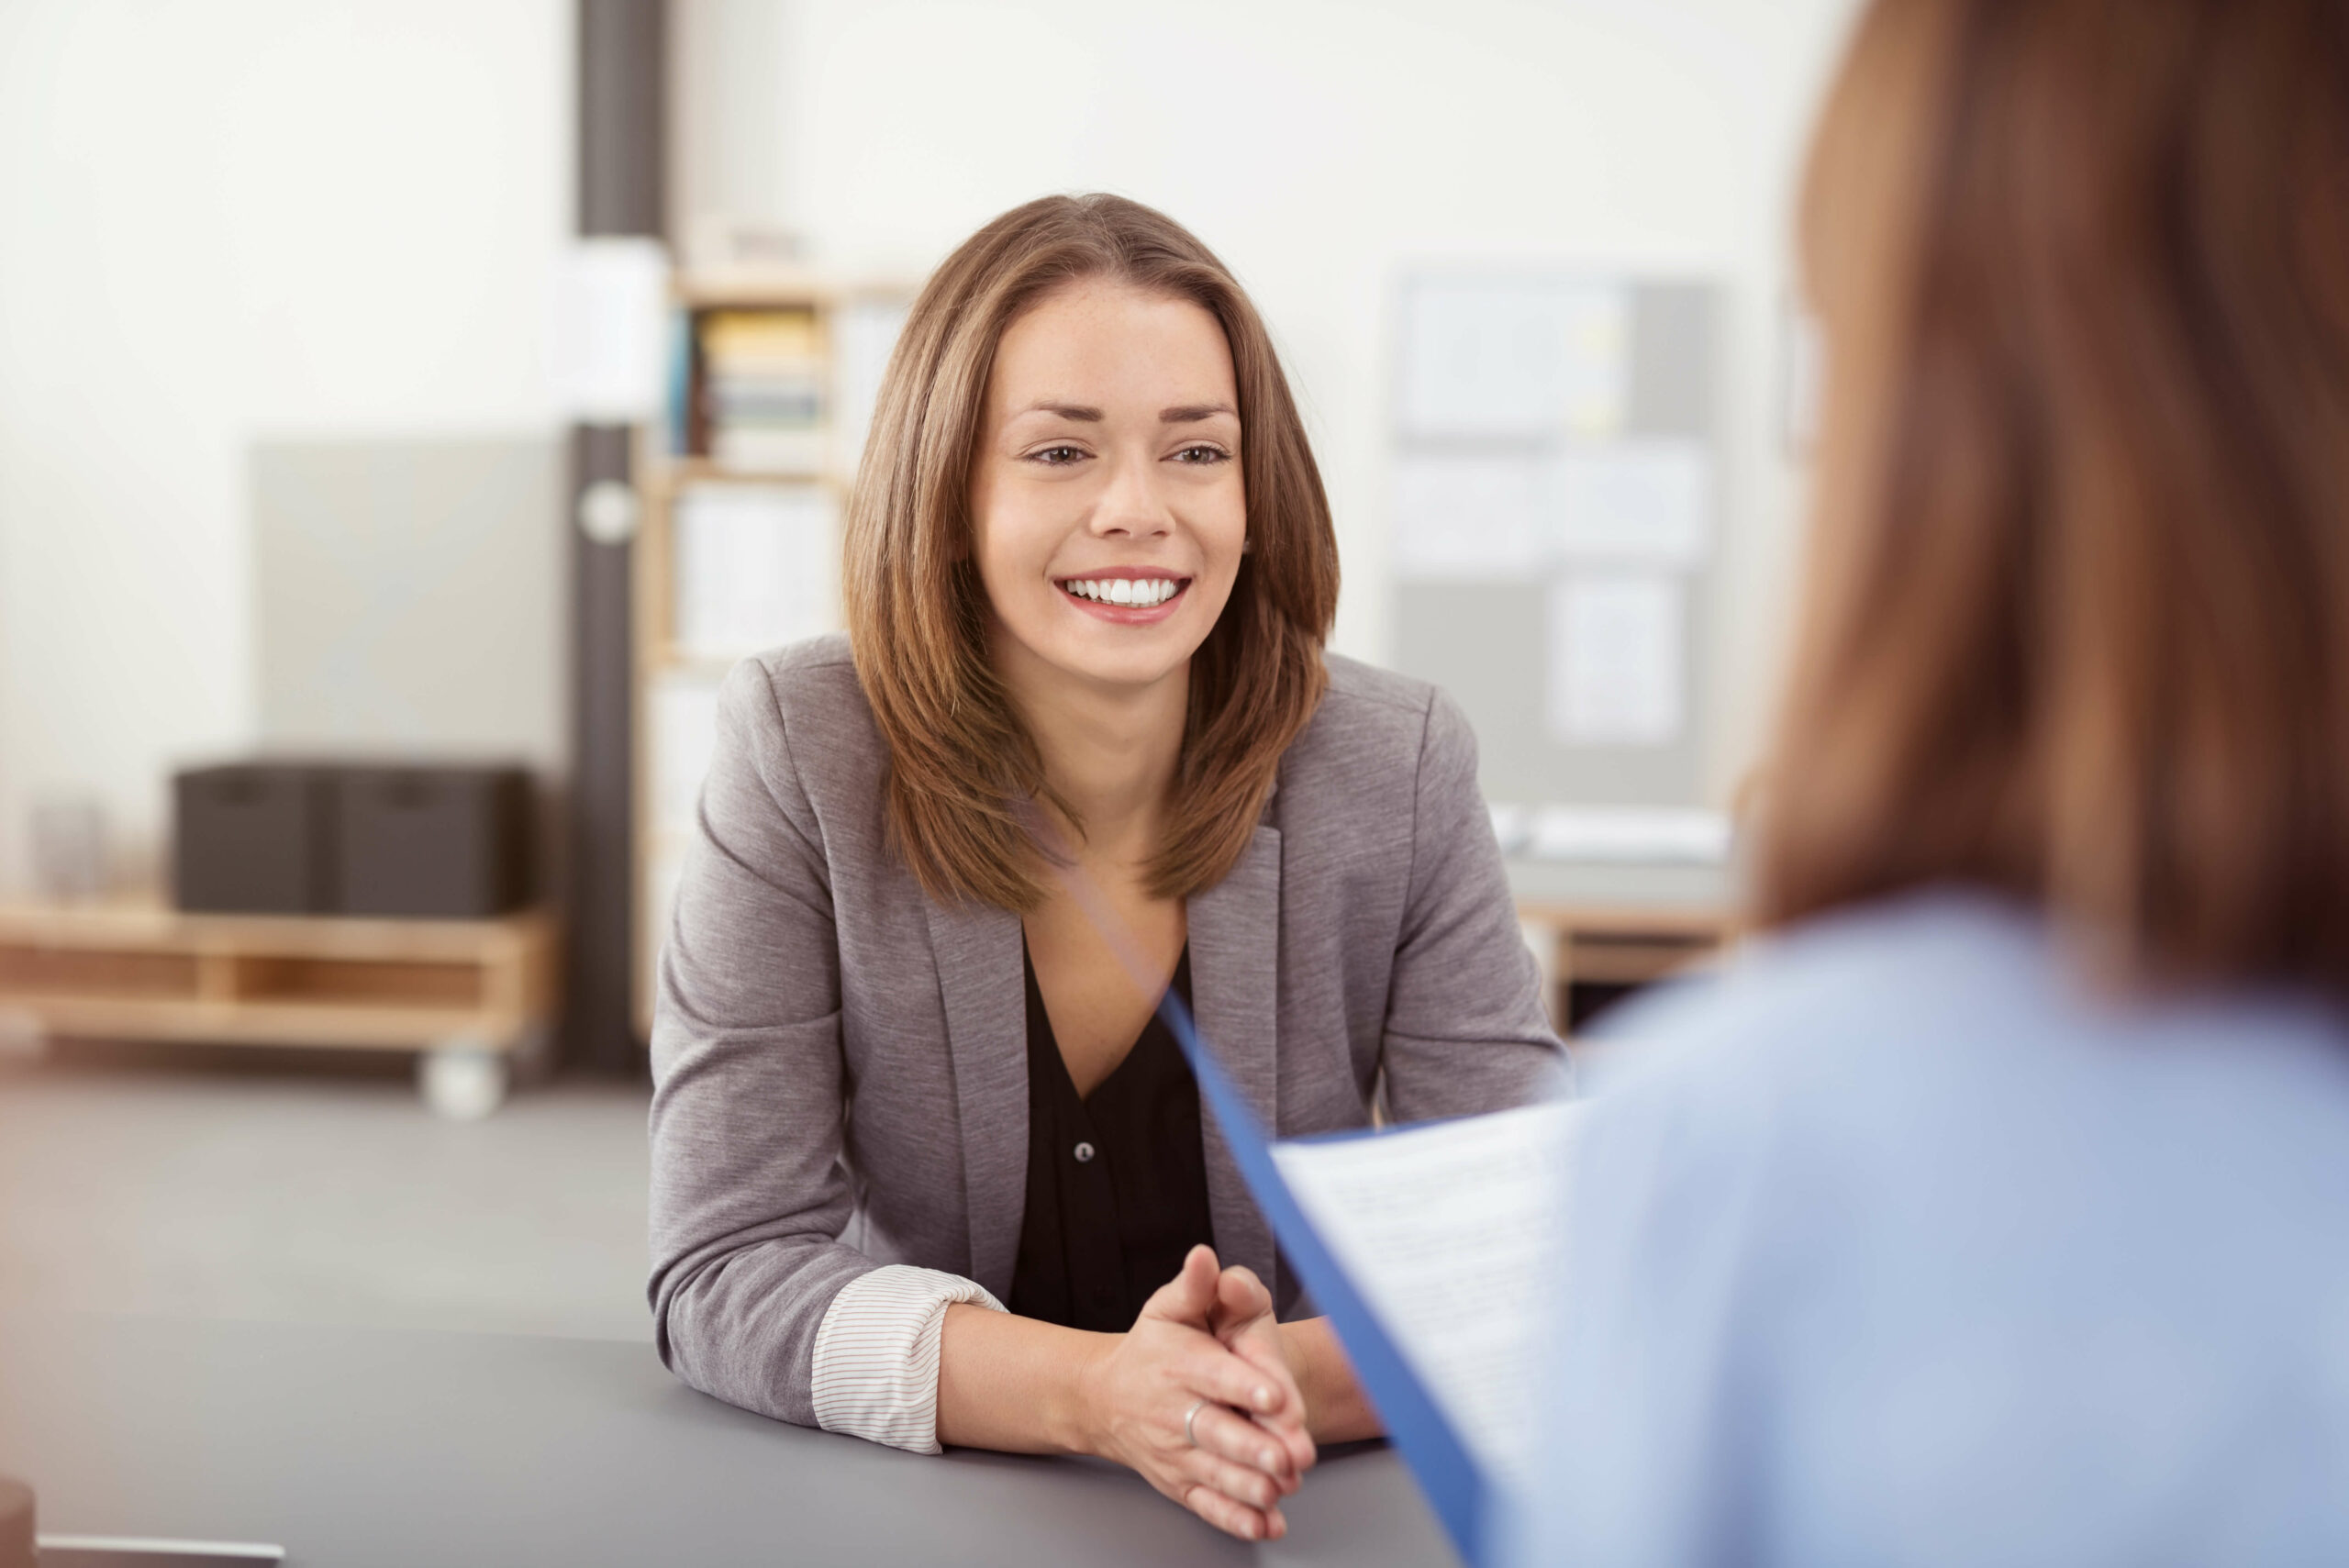 Corona: 4 Fragen, die du im Bewerbungsgespräch stellen solltest